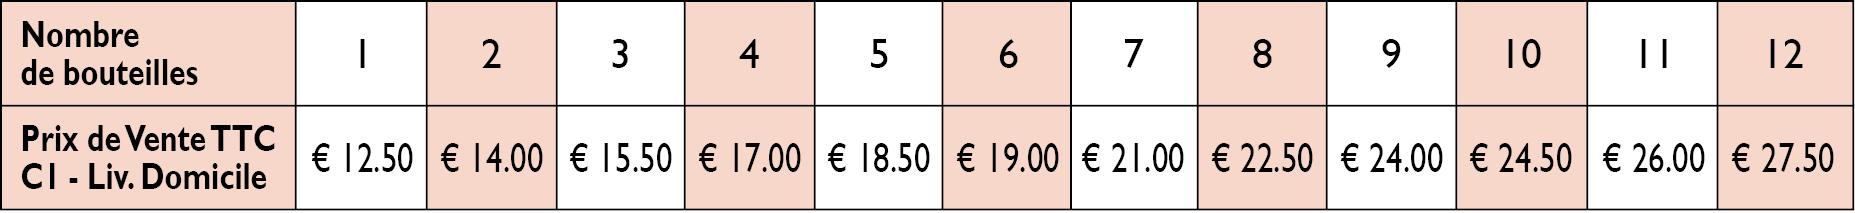 Tarifs livraison à domicile en Belgique, Allemagne, Luxembourg et Pays-Bas de 1 à 12 bouteilles